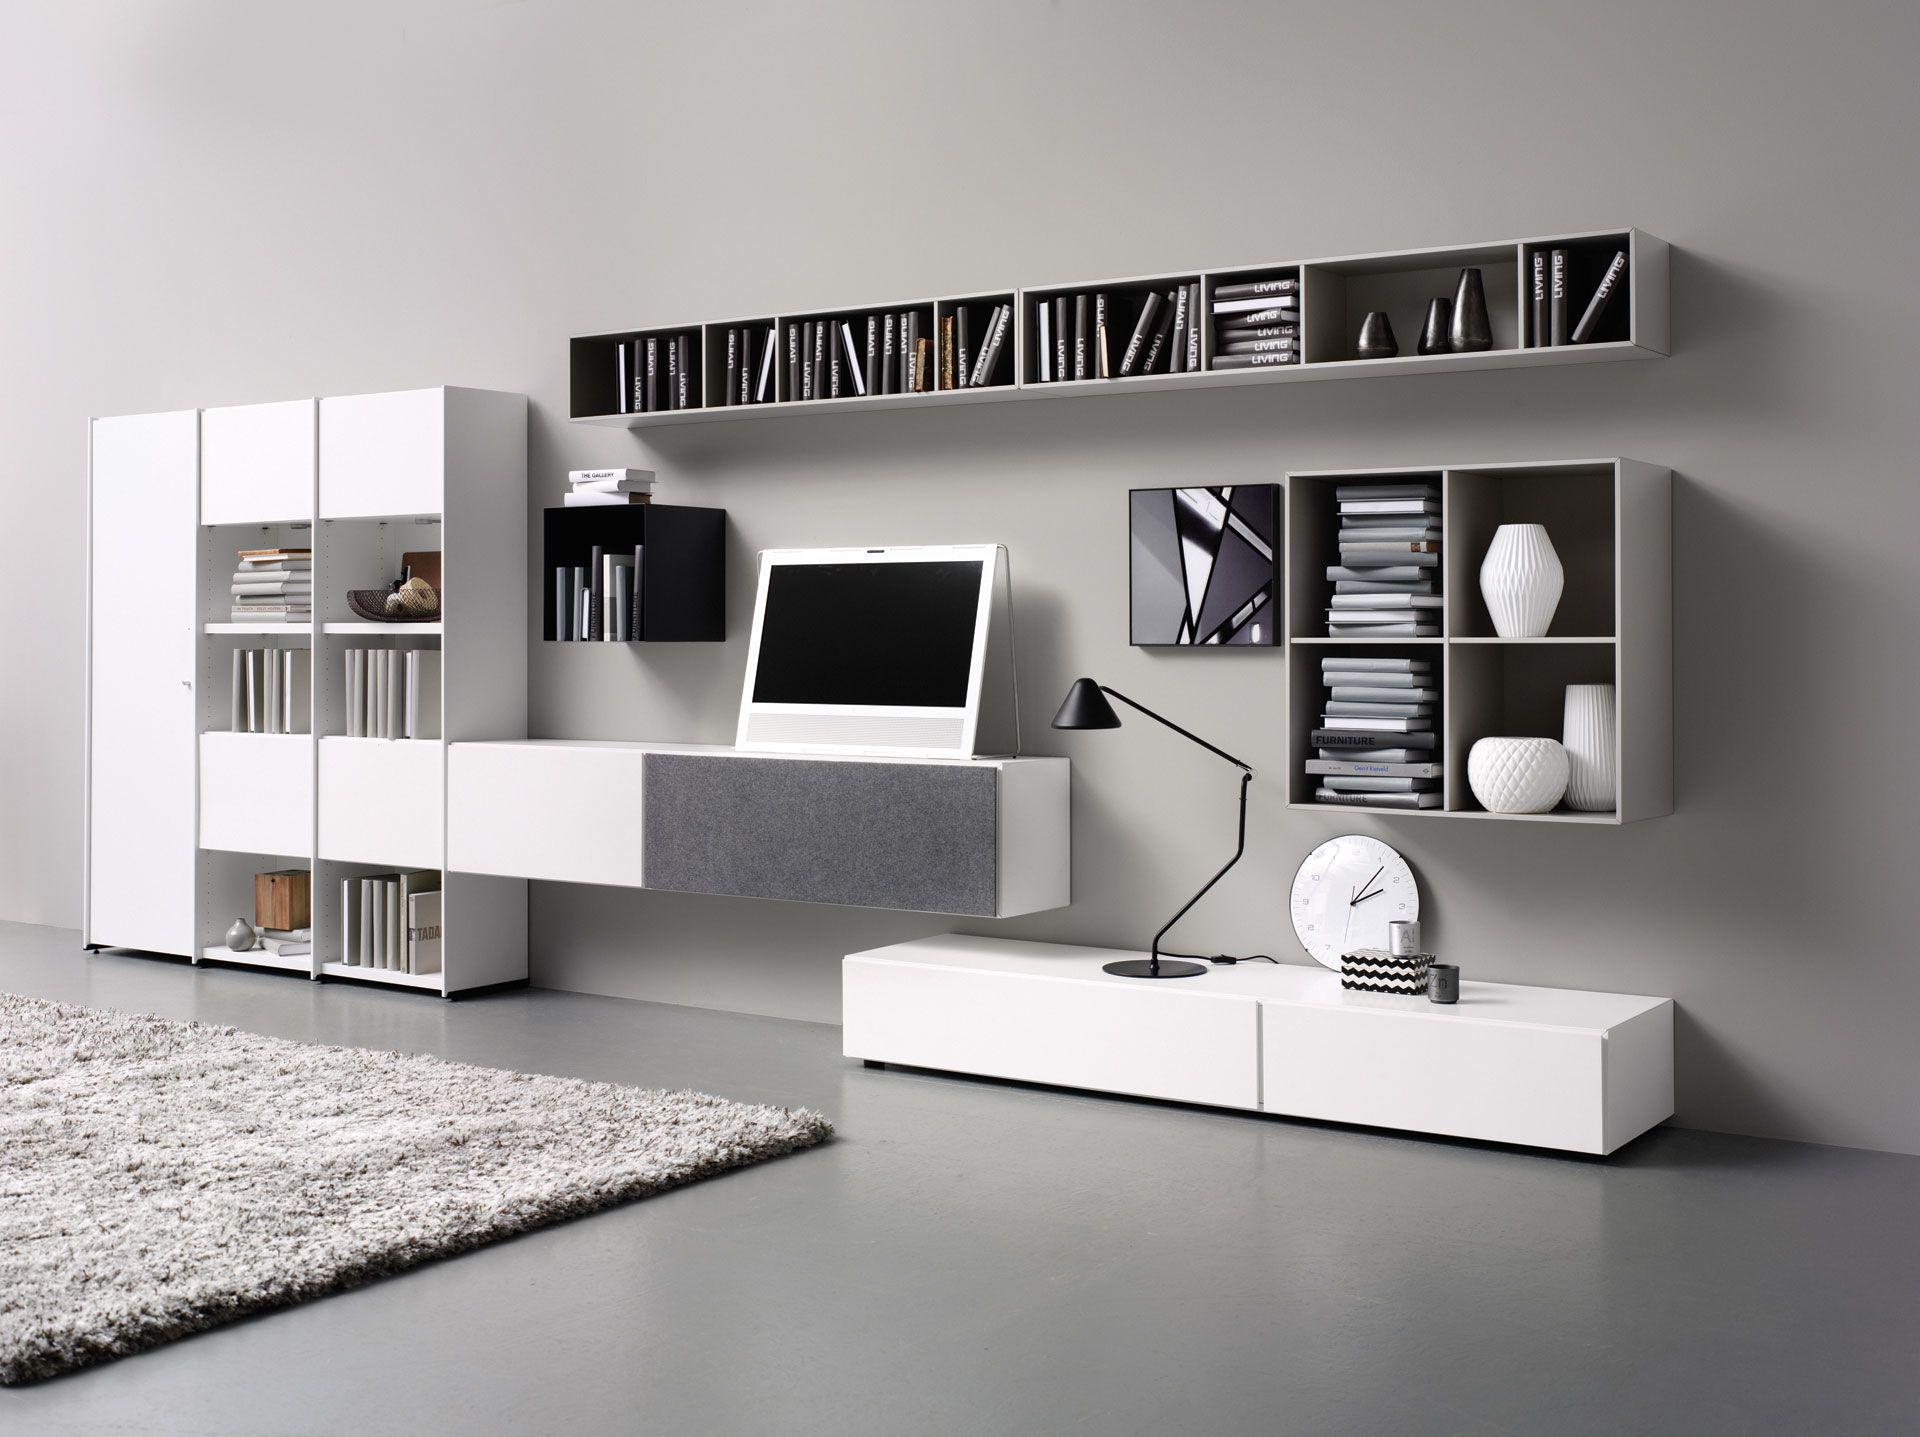 lugano wall system | living | pinterest | lugano und boconcept, Wohnzimmer dekoo